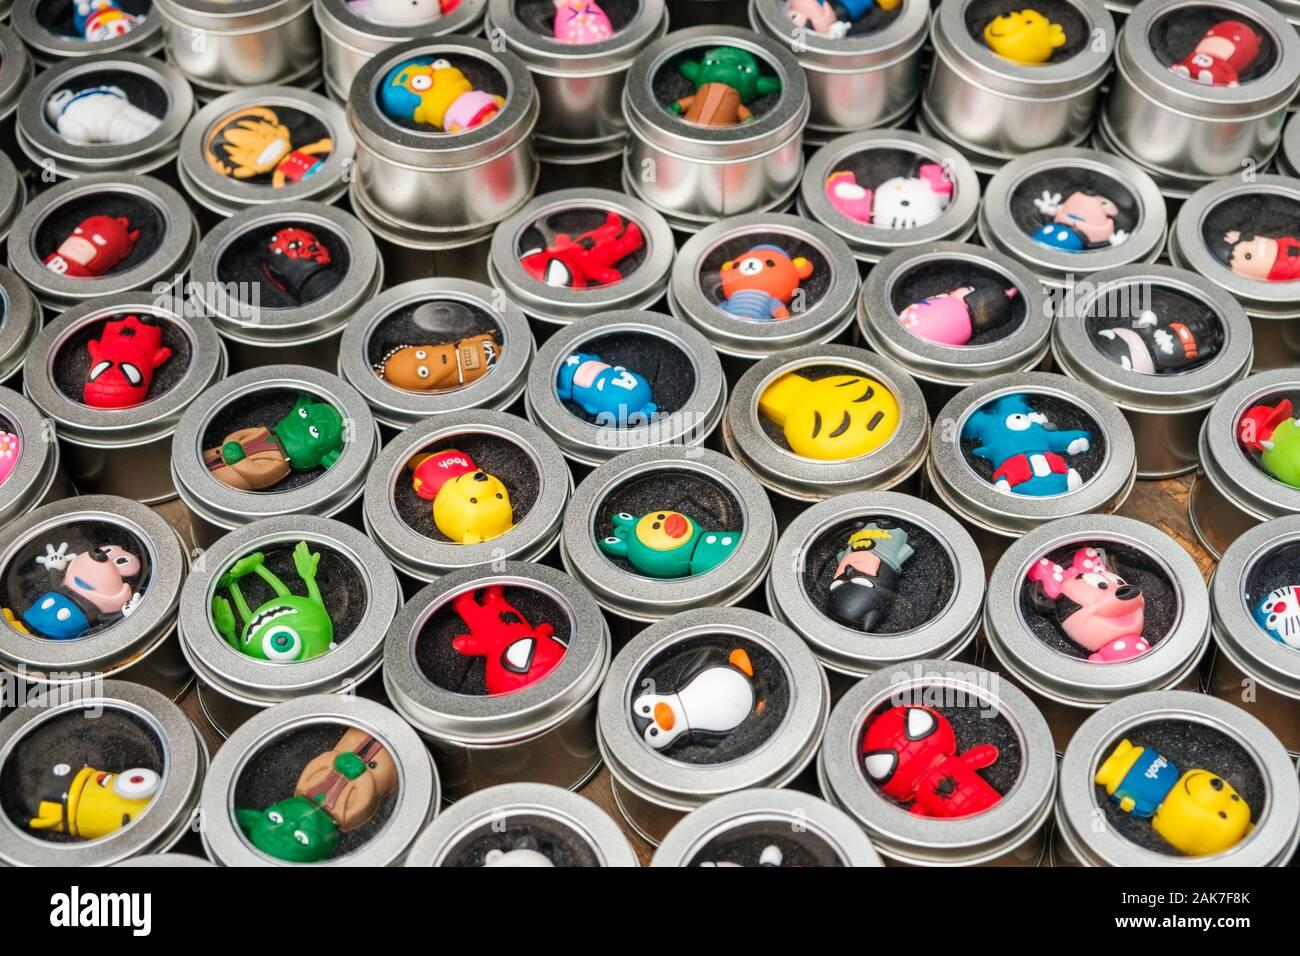 Hong Kong, China - Noviembre 2019: USB Stick con toy / dibujos animados / personajes cómicos en la calle Market (mercado) Lenceria de Hong Kong, Tung Choi Street Foto de stock